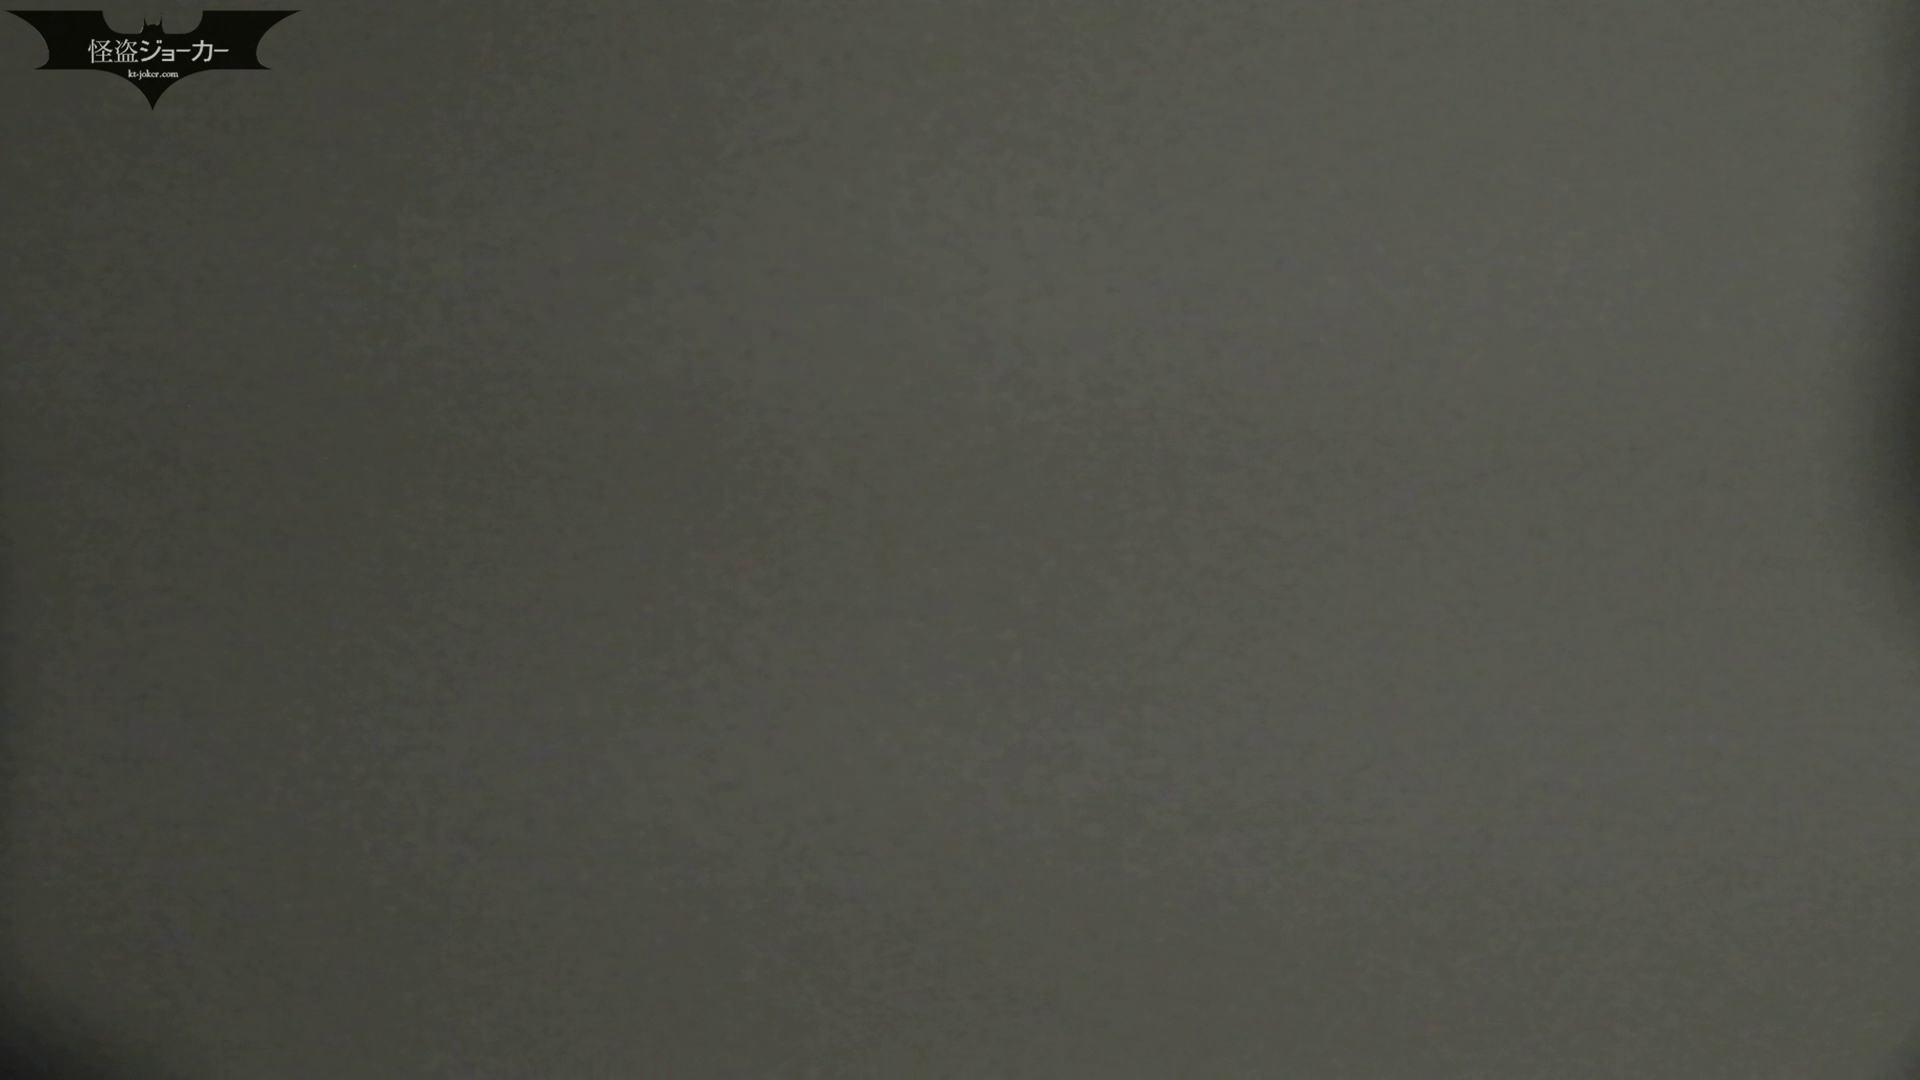 洗面所特攻隊 vol.047 モリモリ、ふきふきにスーパーズーム! お姉さんのSEX  101枚 85